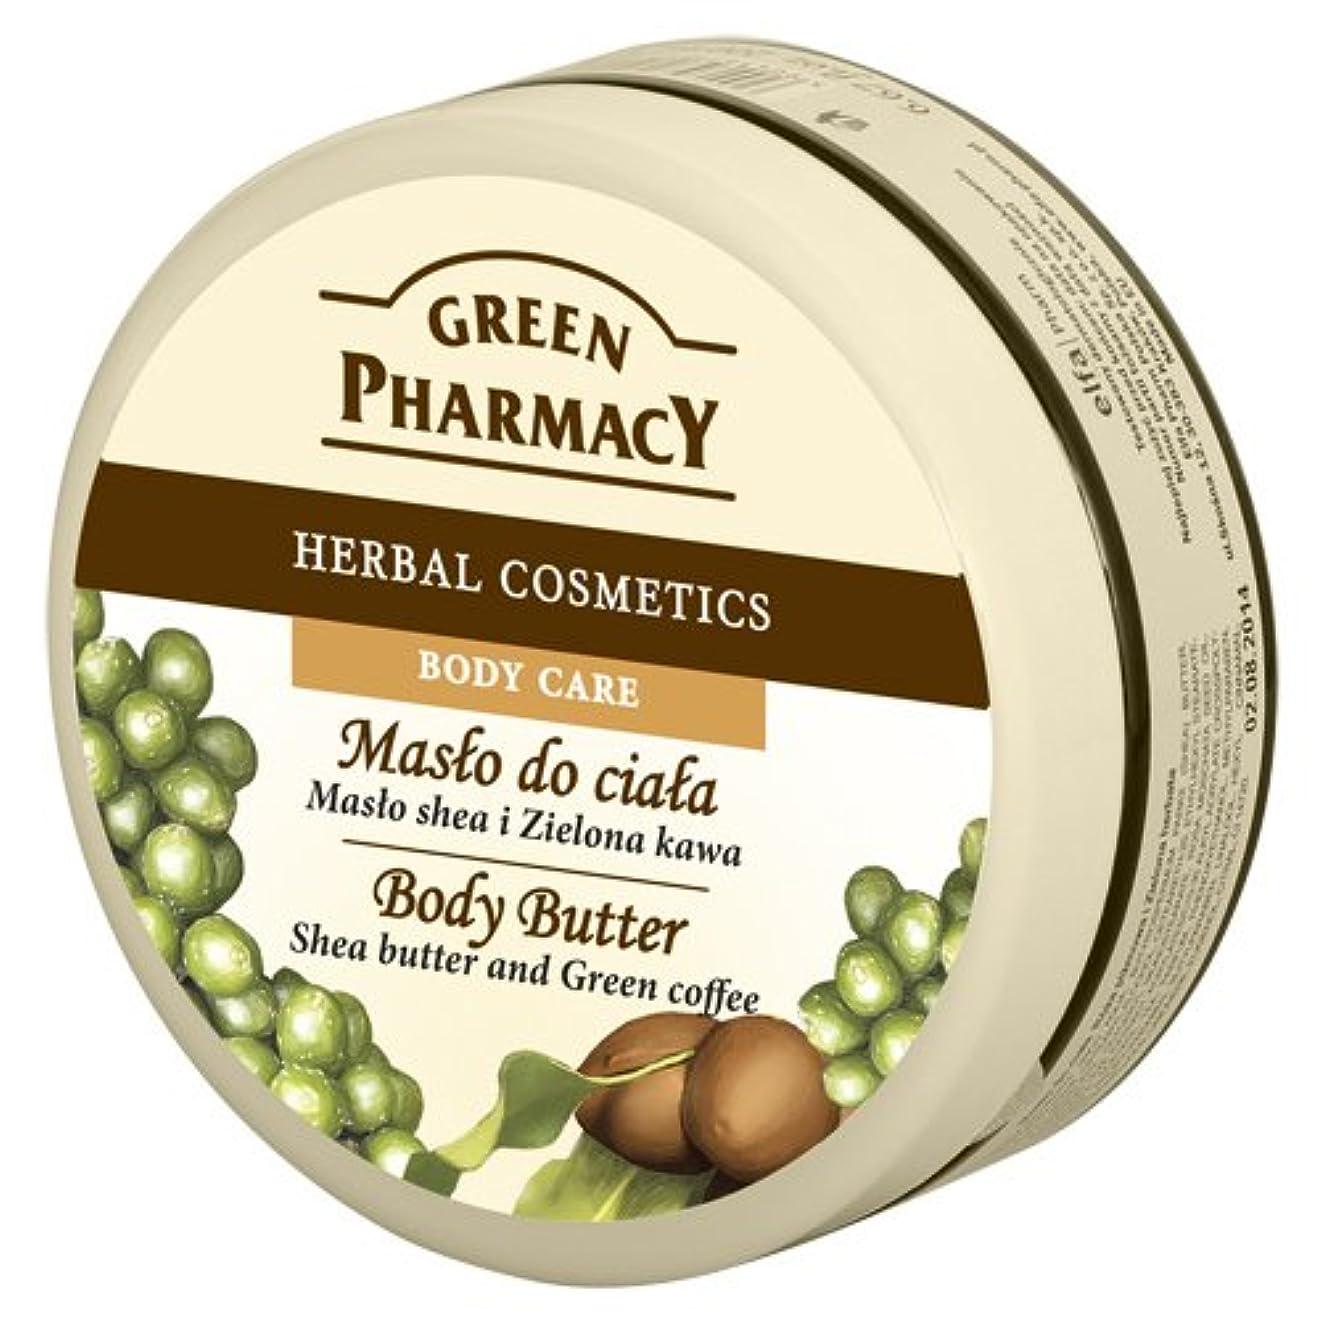 誘導アカウント質素なElfa Pharm Green Pharmacy グリーンファーマシー Body Butter ボディバター Shea Butter and Green Coffee